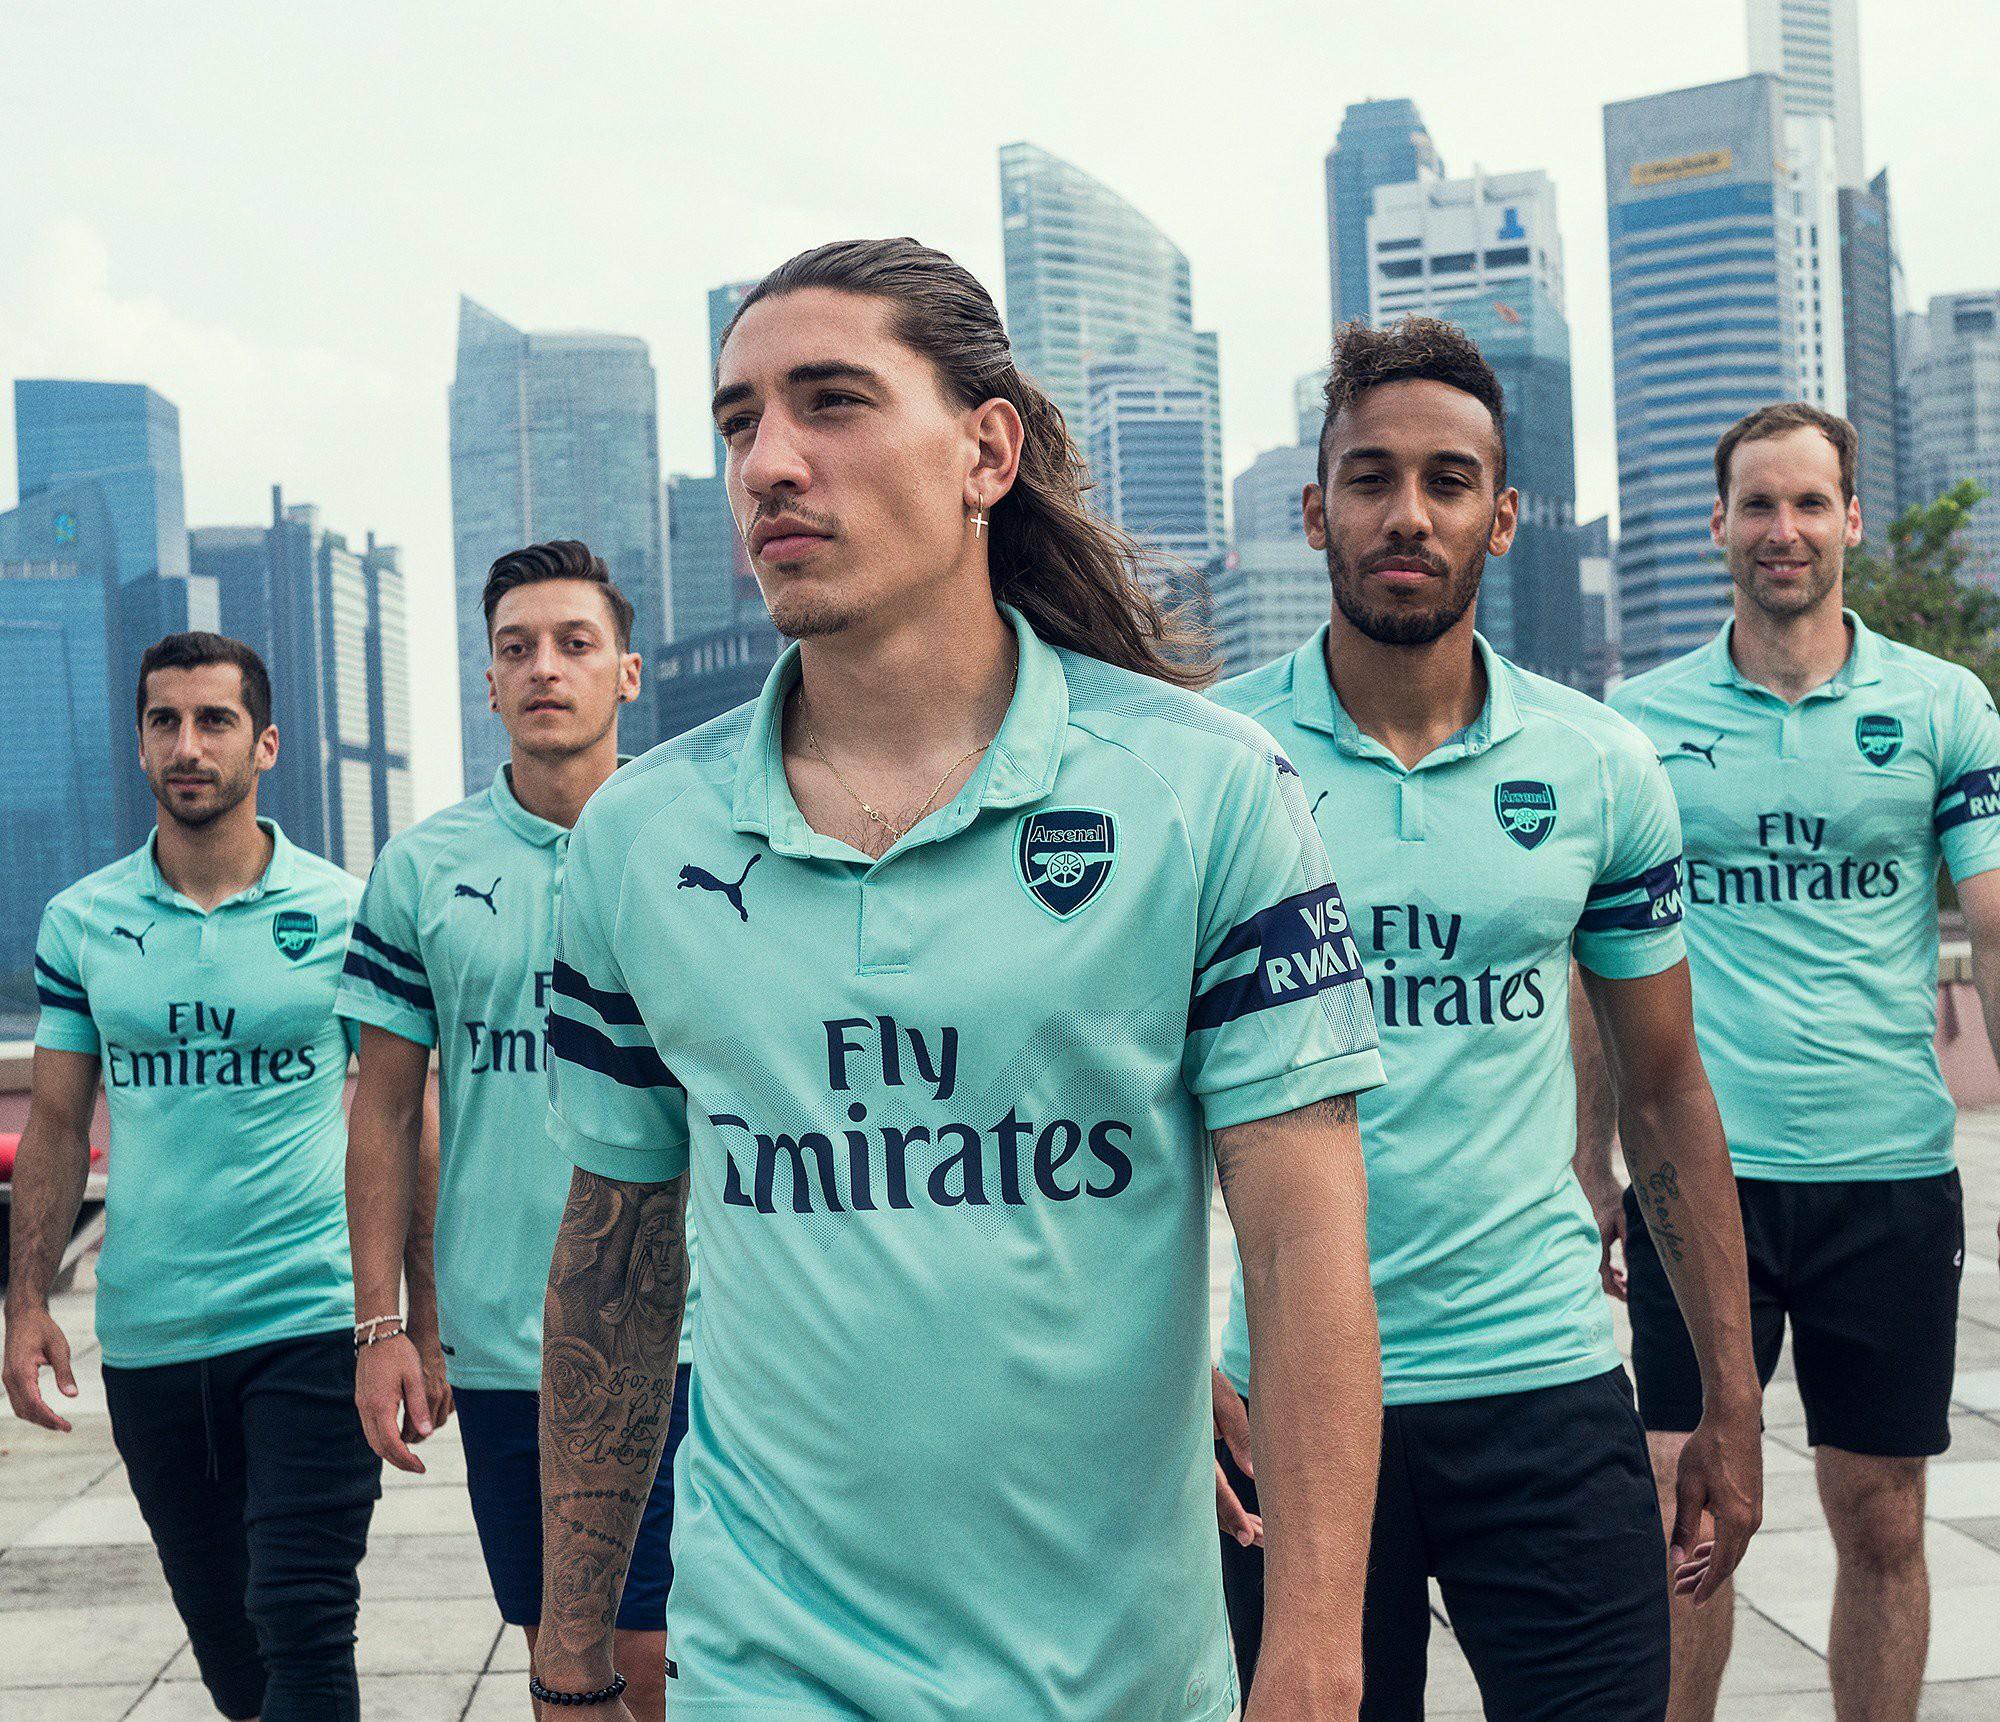 Arsenal 2018/19 Third Kit